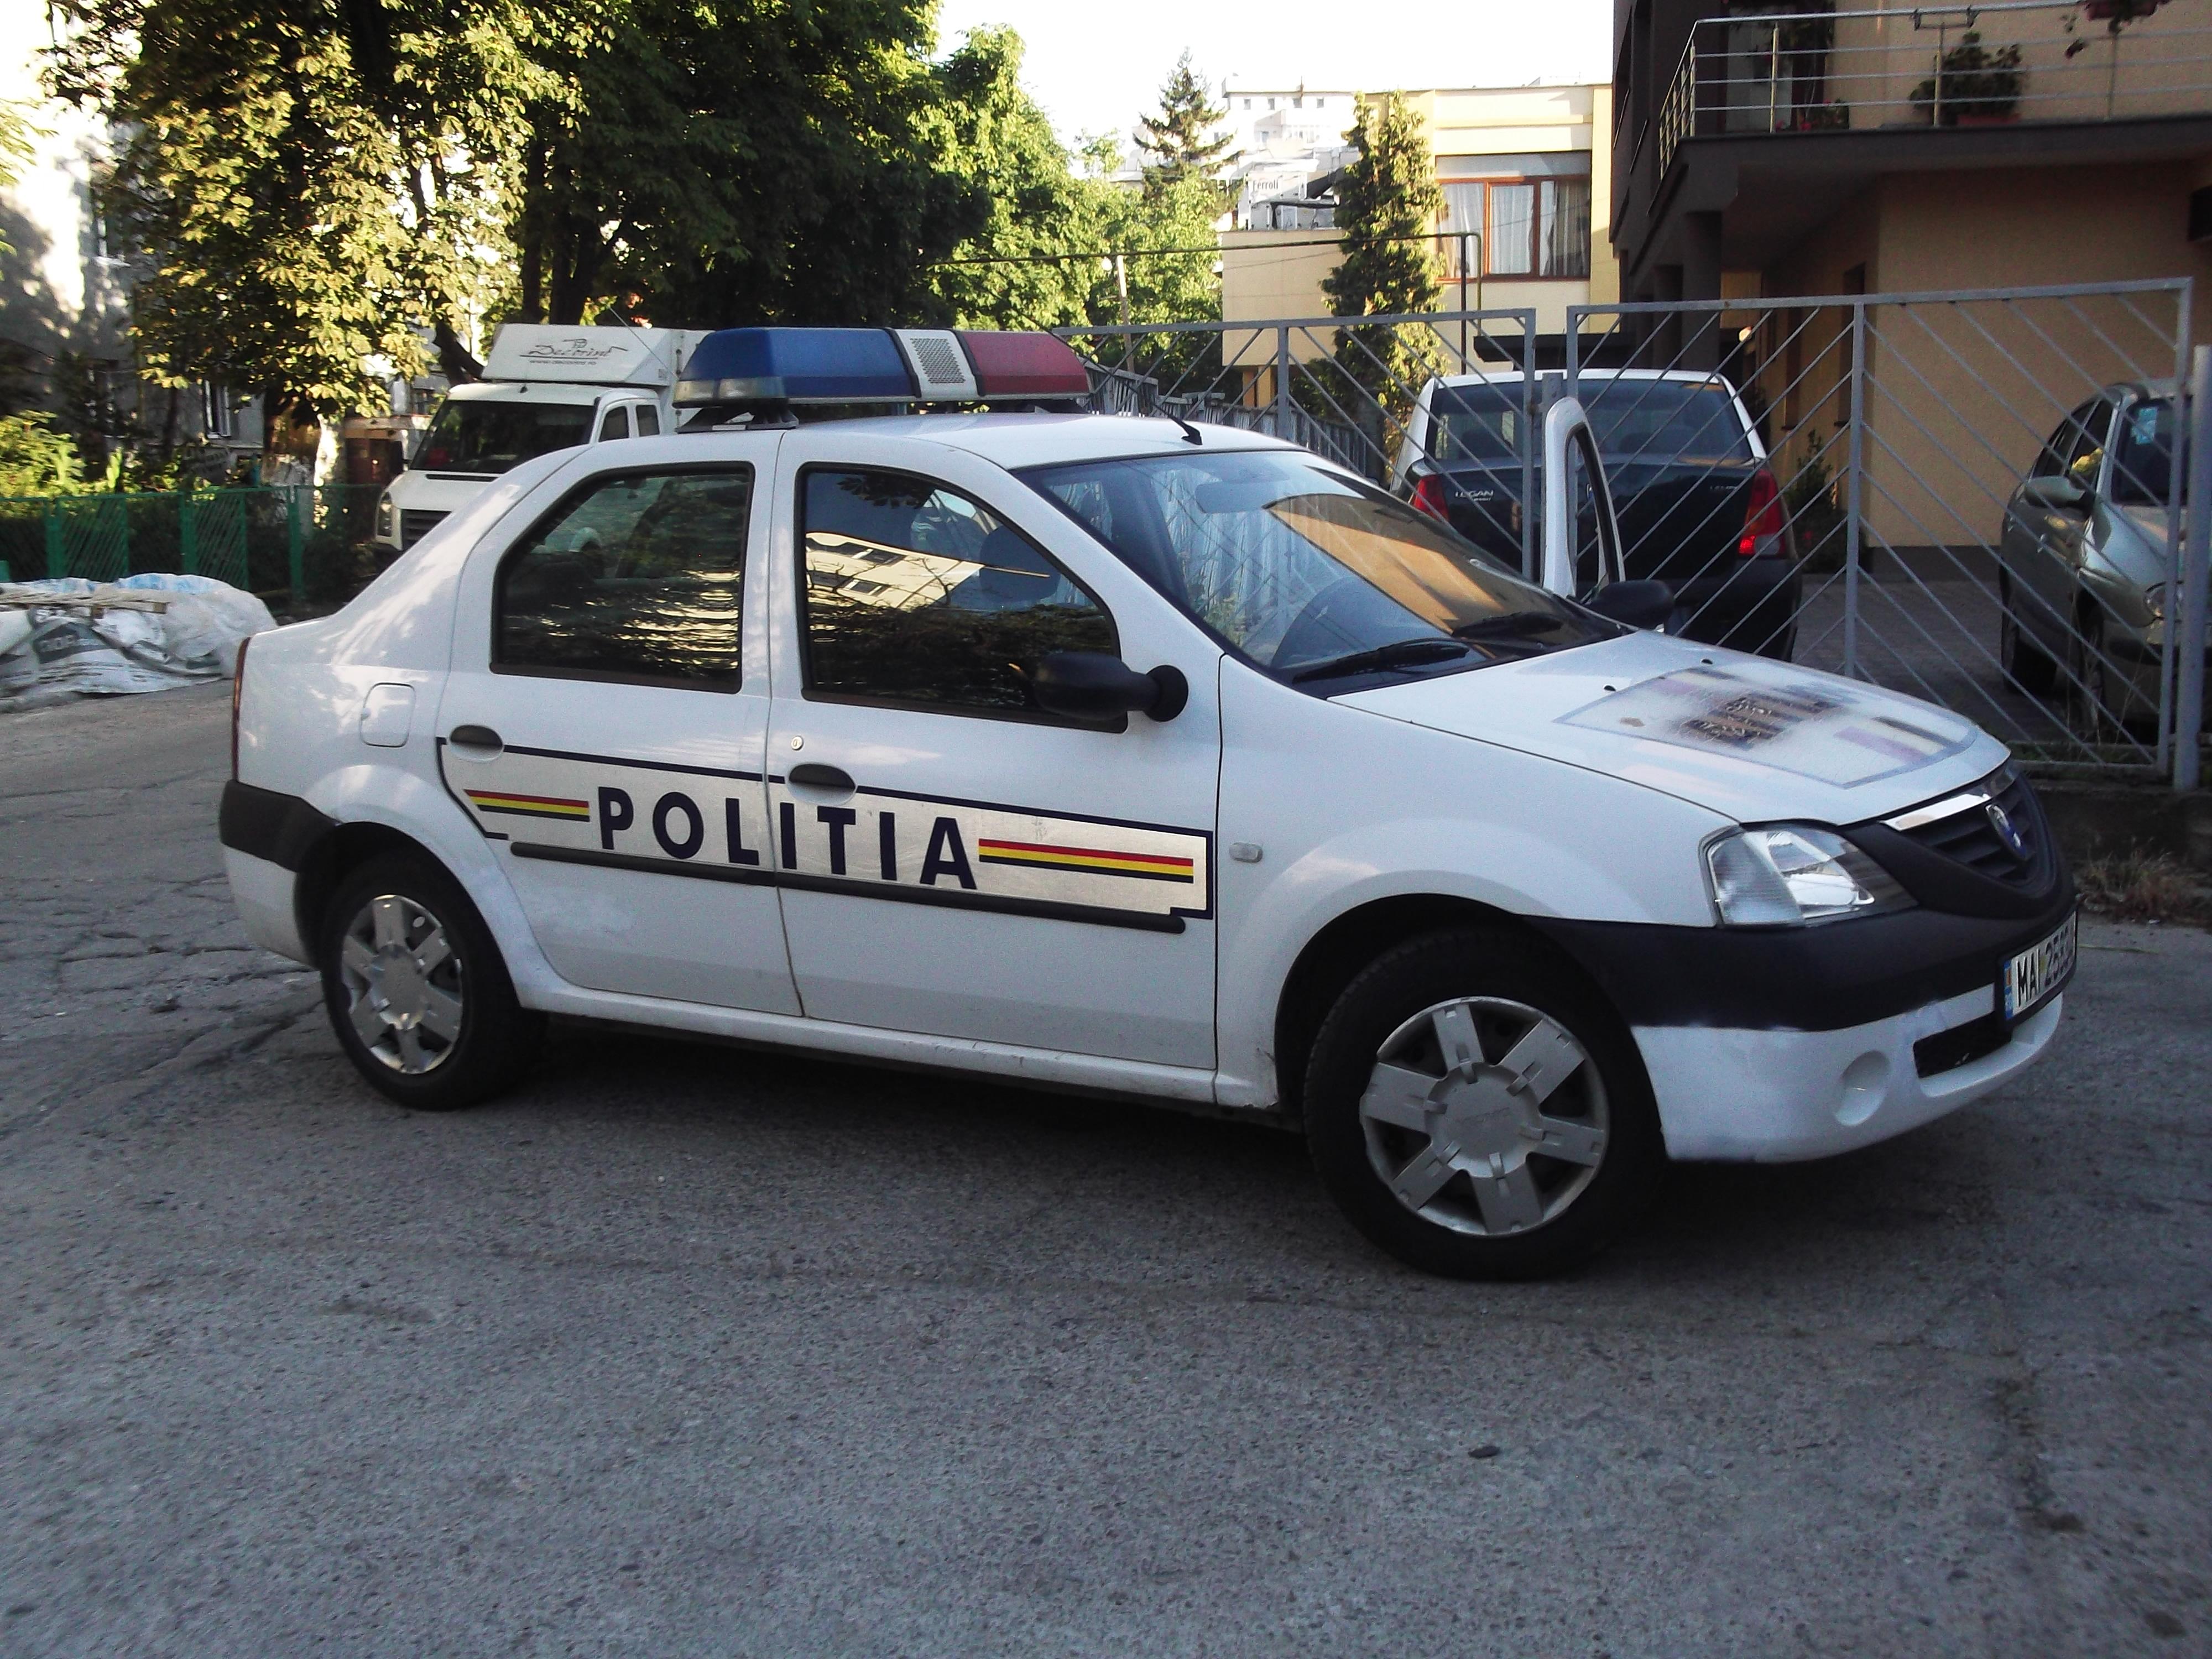 Percheziţie domiciliară în comuna Feleacu efectuata de politisti